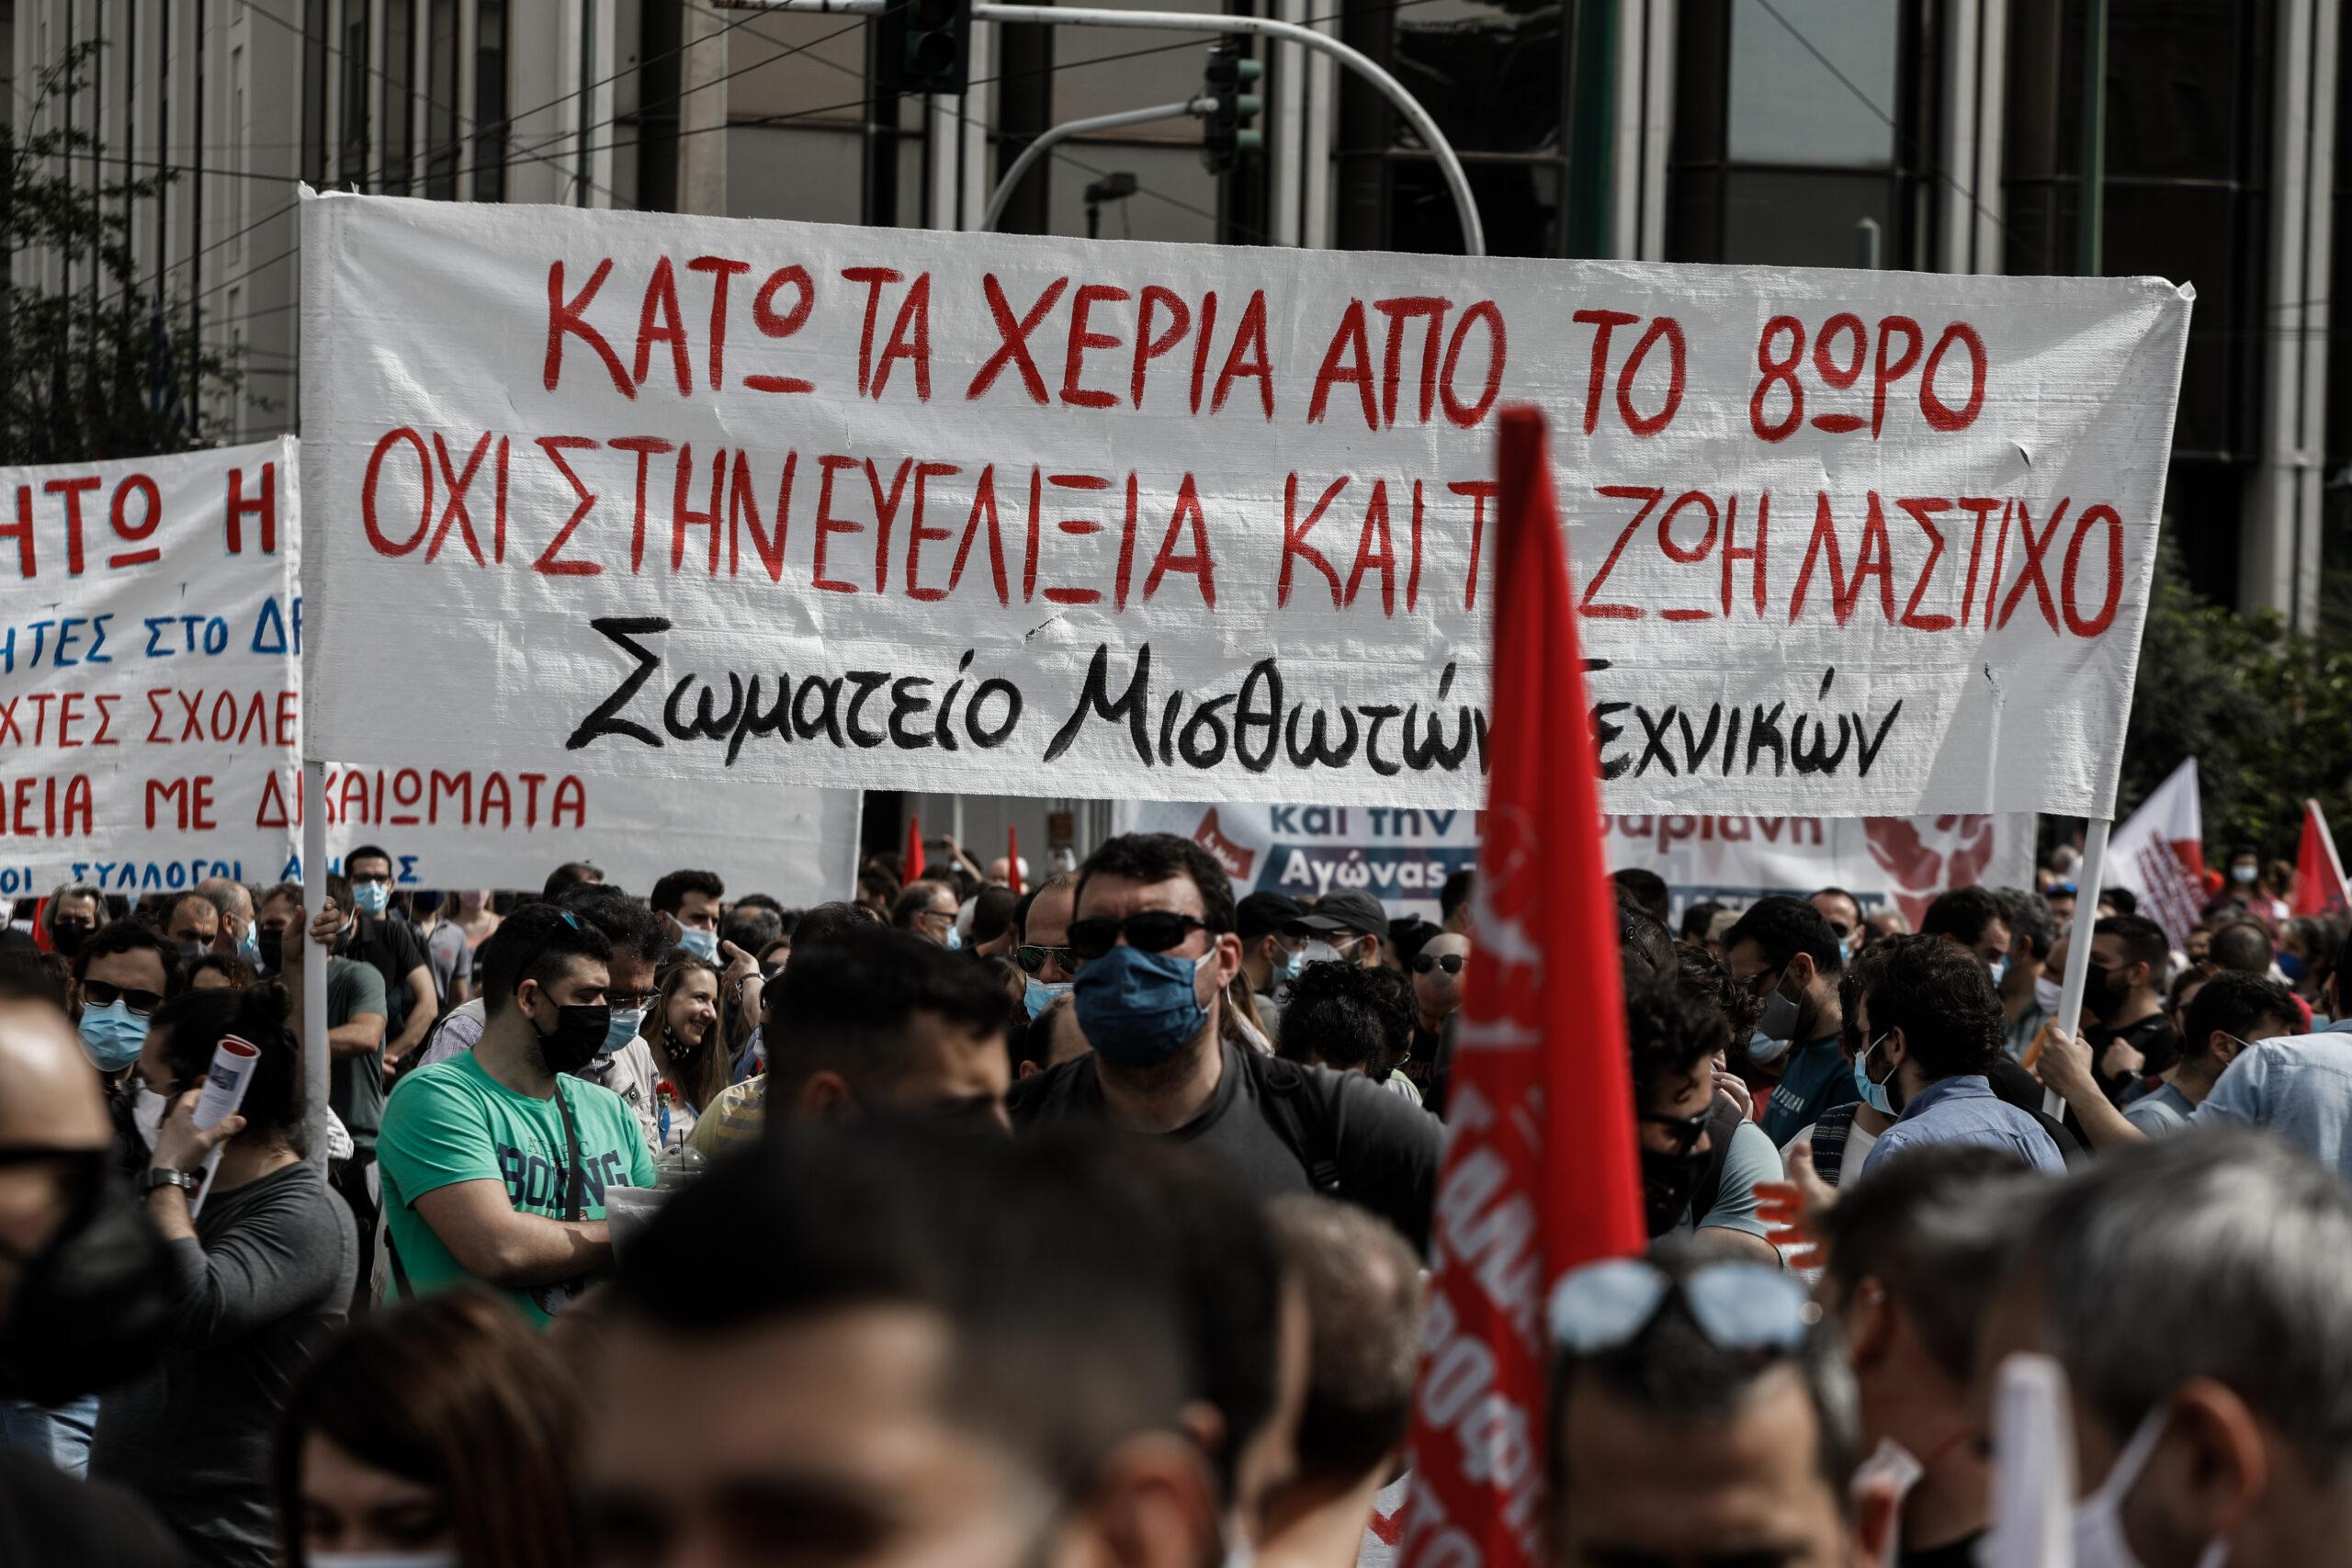 Απεργία 6ης Μαΐου: Συγκεντρώσεις με μαζική συμμετοχή στο κέντρο της Αθήνας  (εικόνες) - newsique.gr